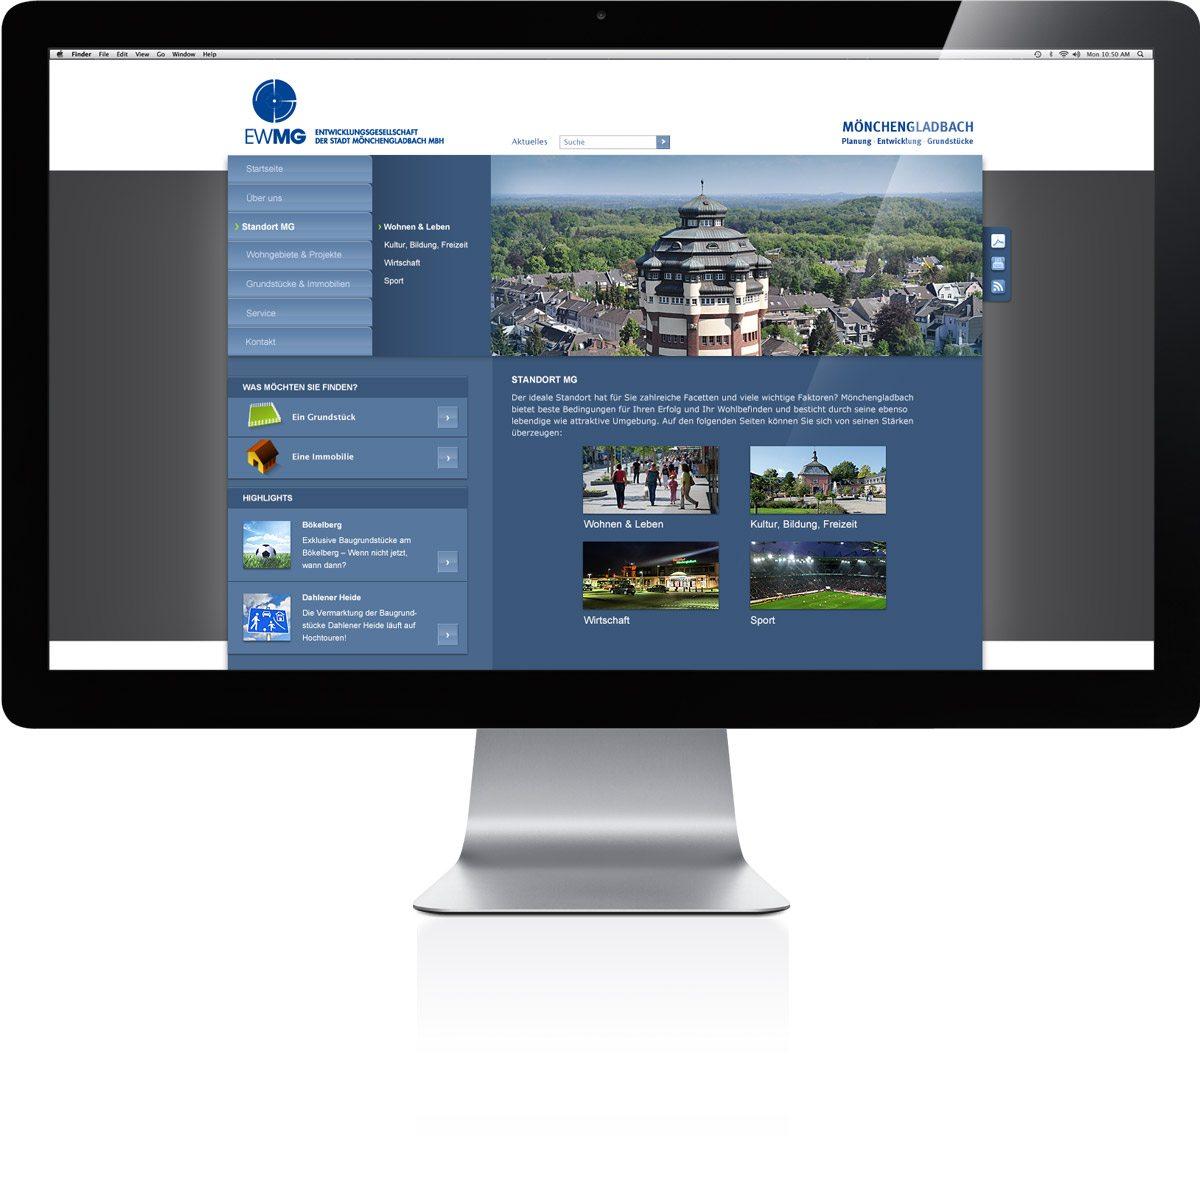 EWMG Website Darstellung auf iMac